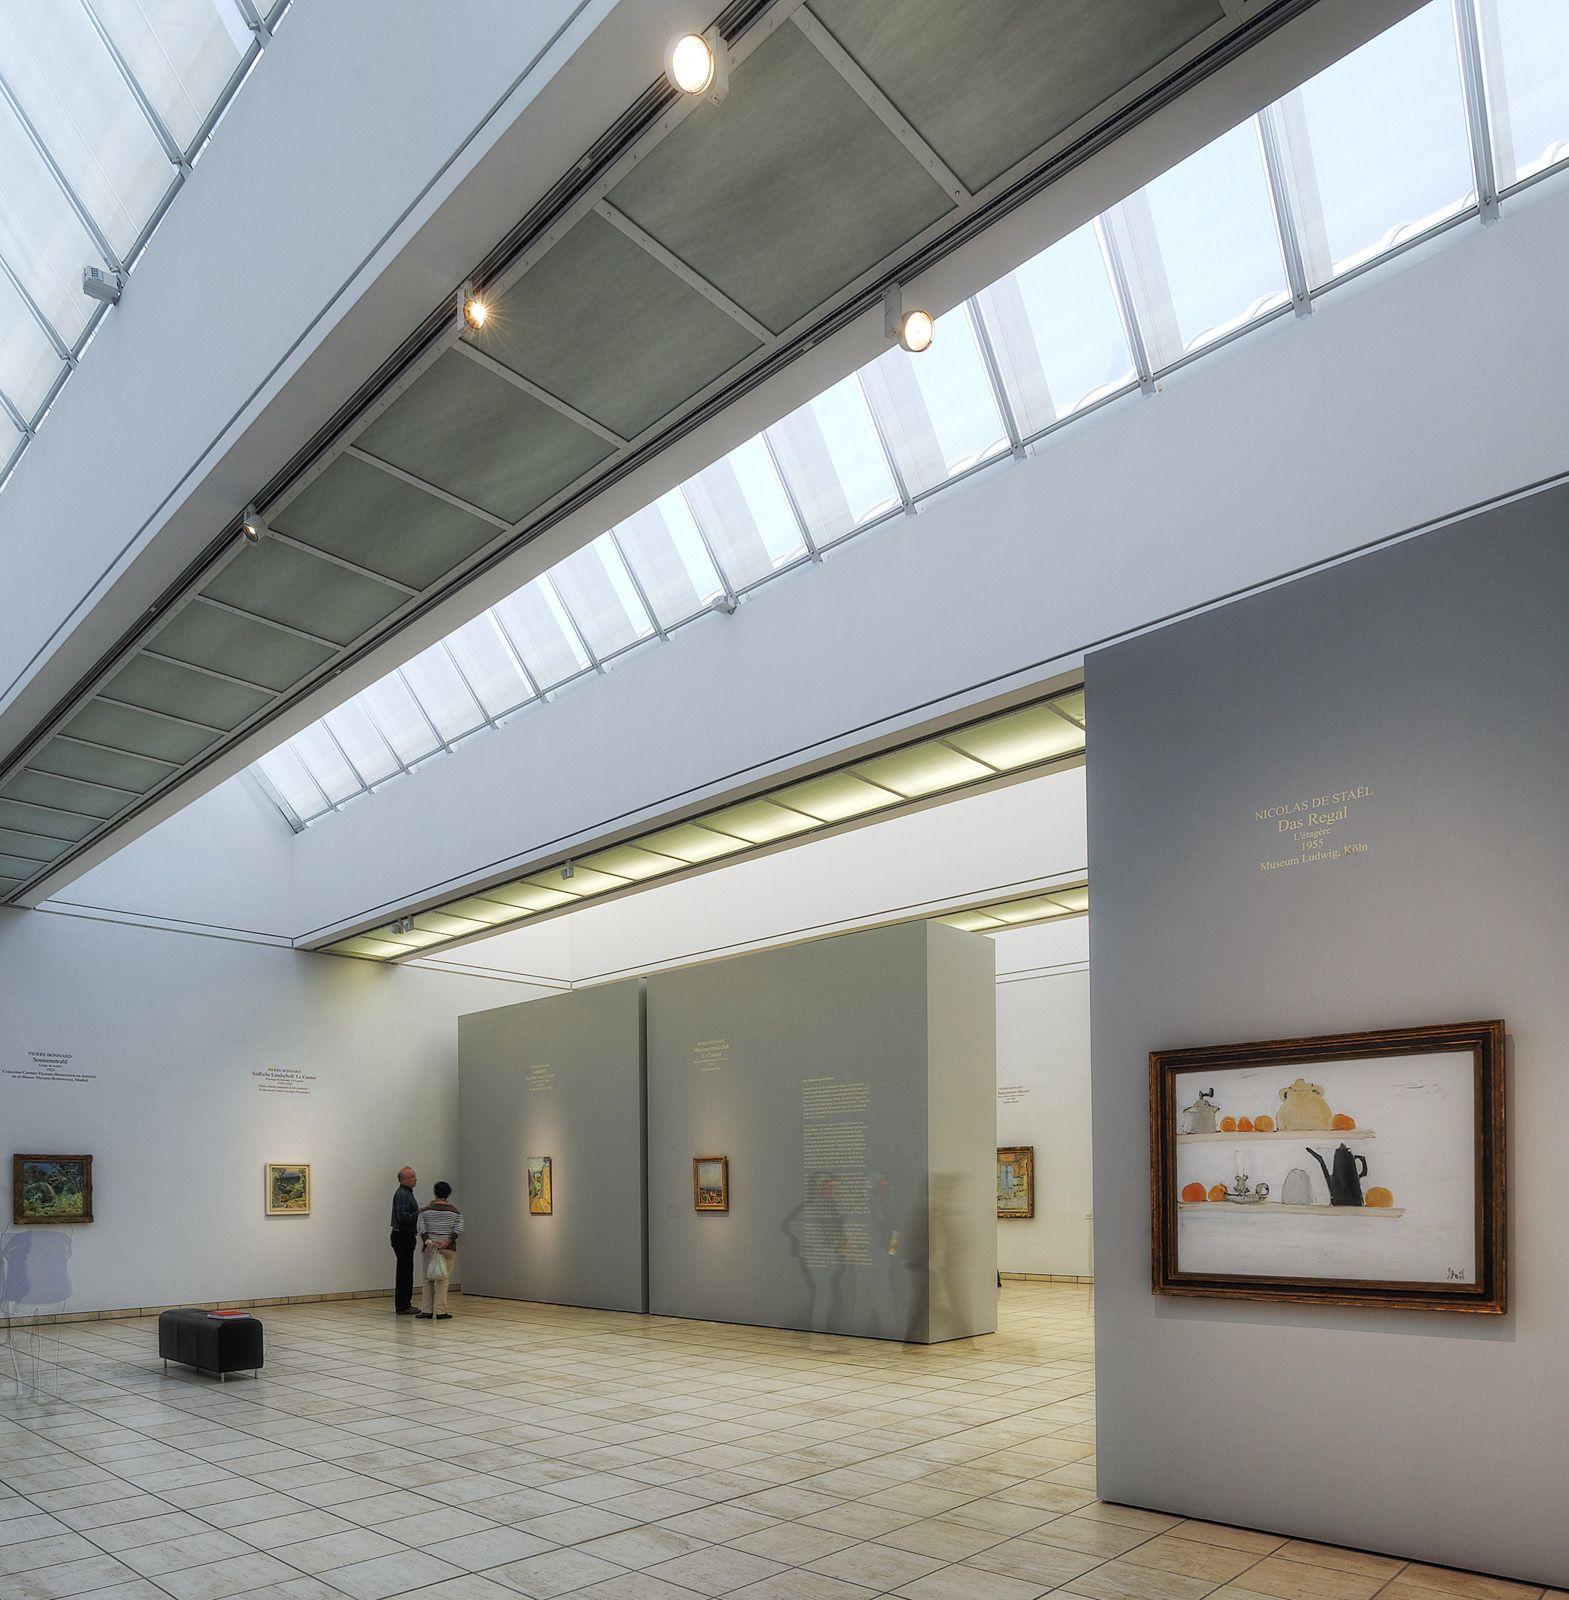 Von der Heydt-Museum Wuppertal / Architekturfoto von Mark Wohlrab